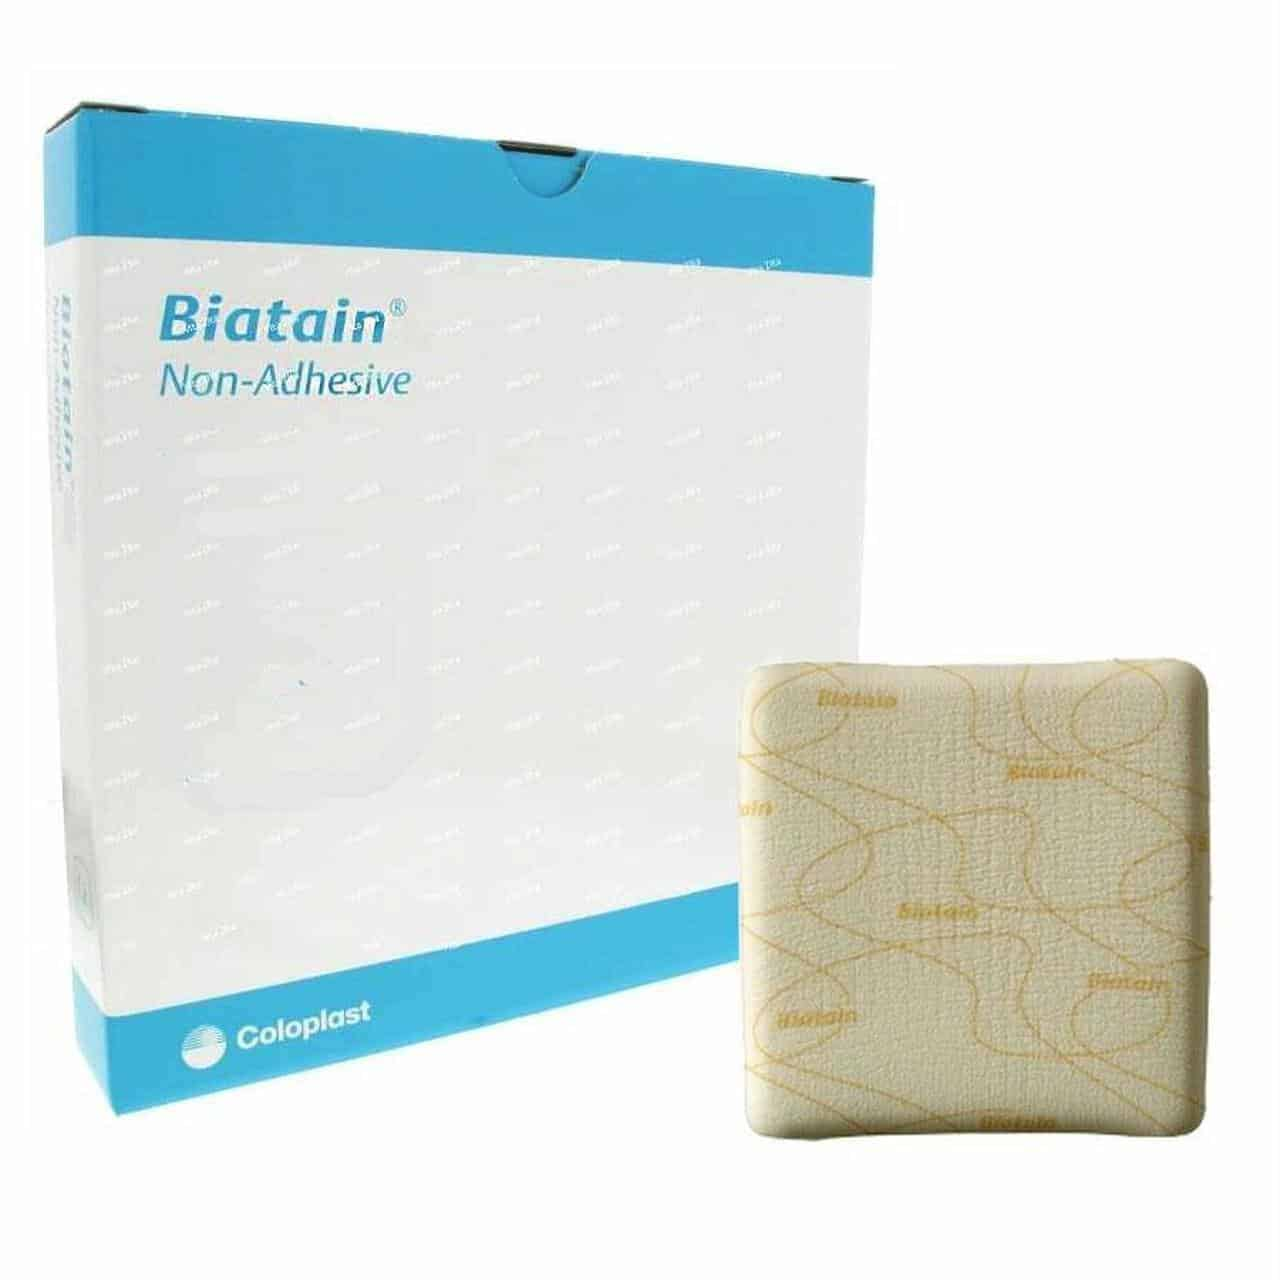 biatain_non-adhesive_foam_dressings.jpg